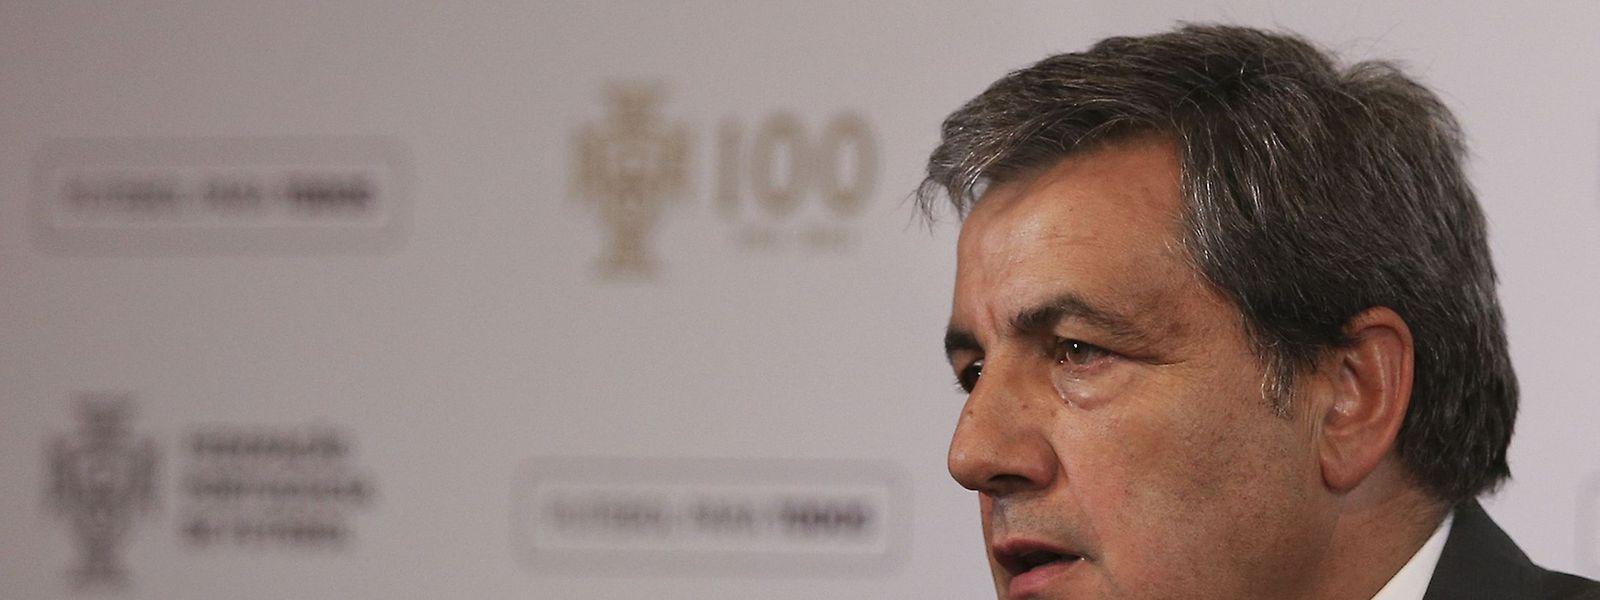 Fernando Gomes é um dos 12 candidatos para sete lugares no órgão máximo da UEFA